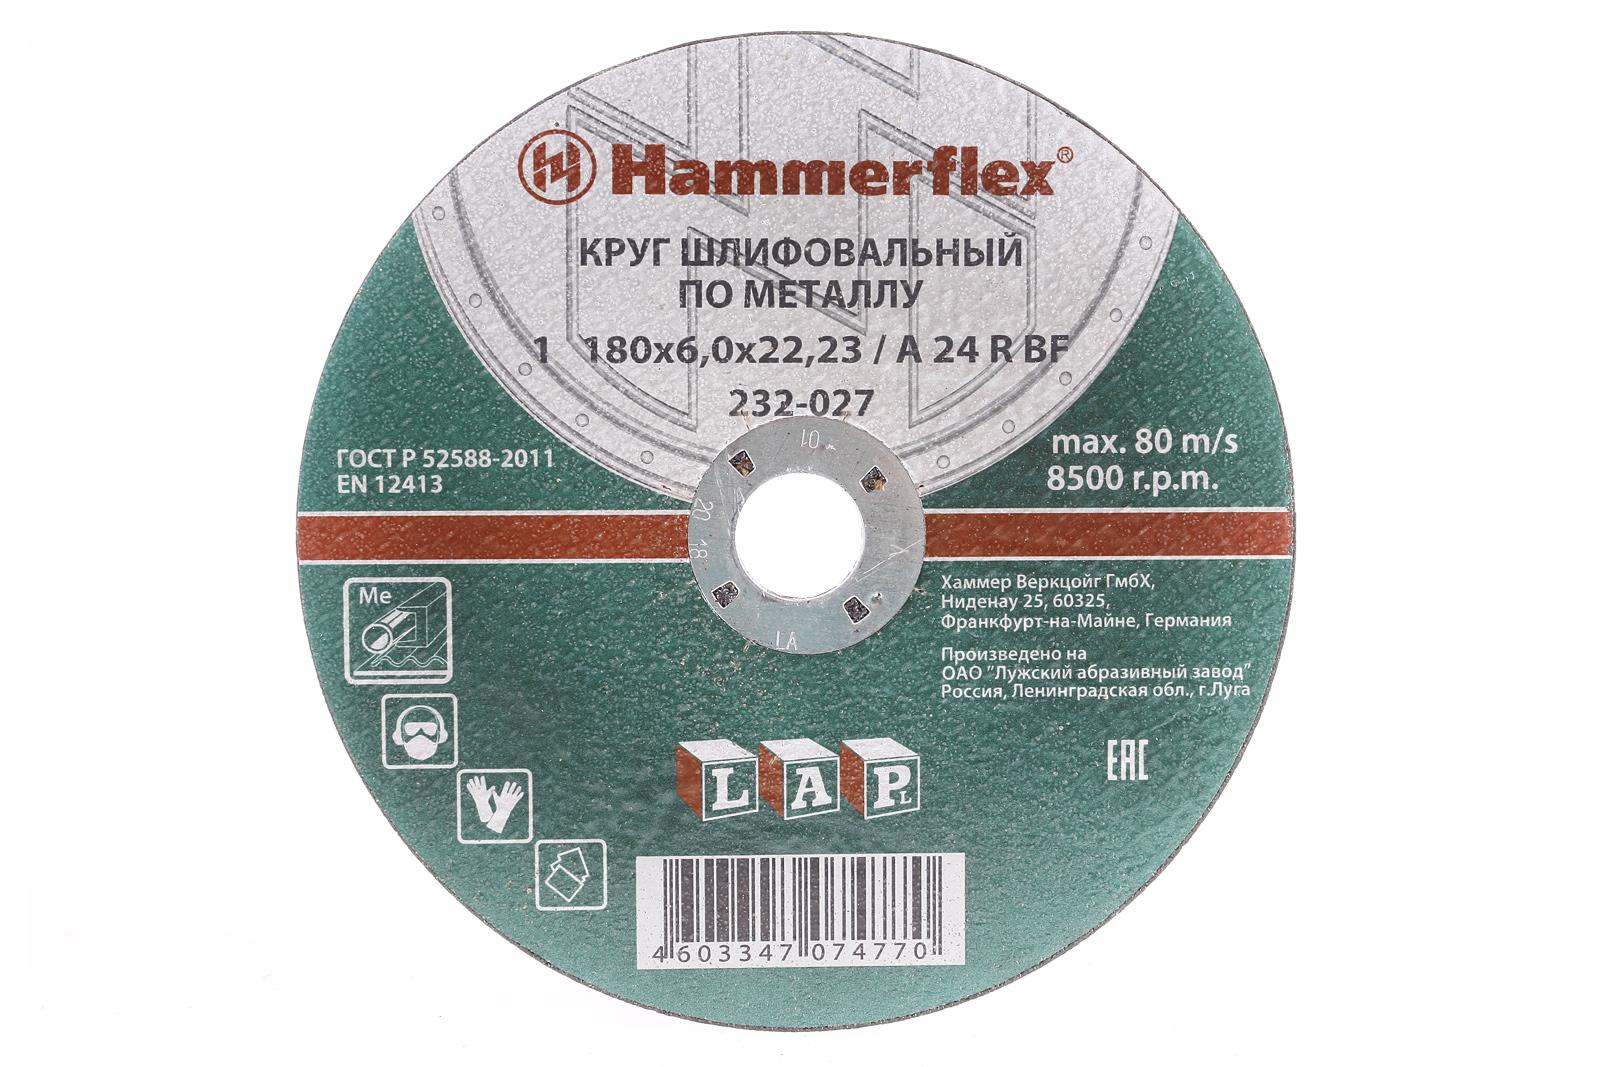 Круг зачистной Hammer 180 x 6.0 x 22 по металлу 10шт круг отрезной hammer 150 x 2 0 x 22 по металлу коробка 200шт